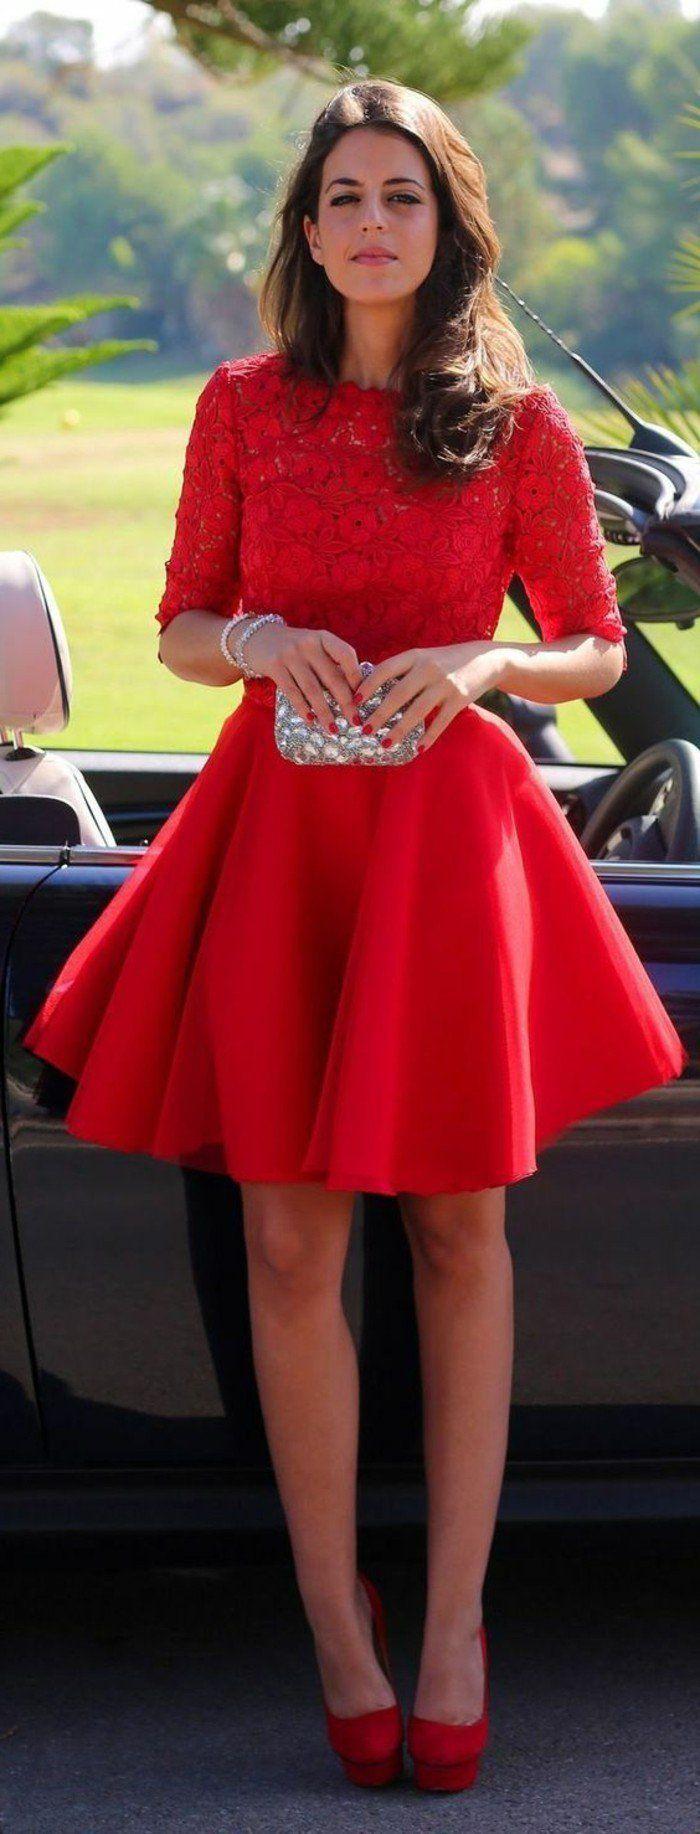 Rotes kleid welche schuhe